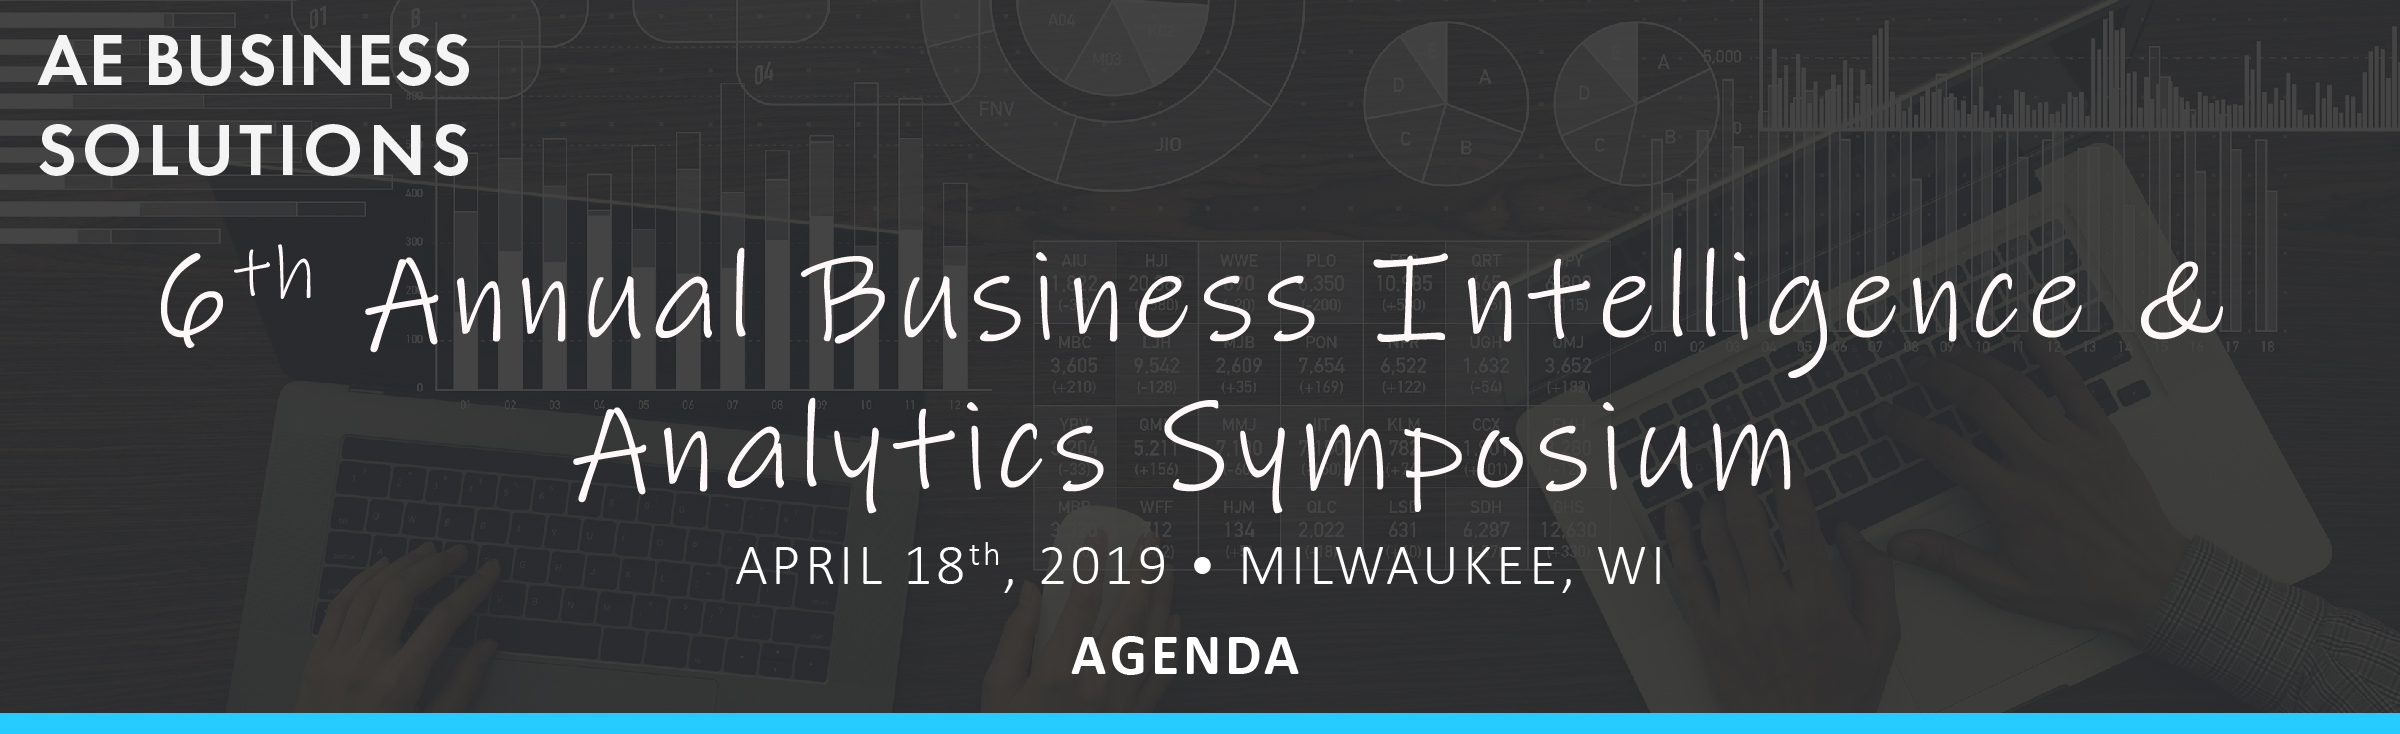 2019_Business_Intelligence_Symposium_Website_Agenda_Image-01.jpg